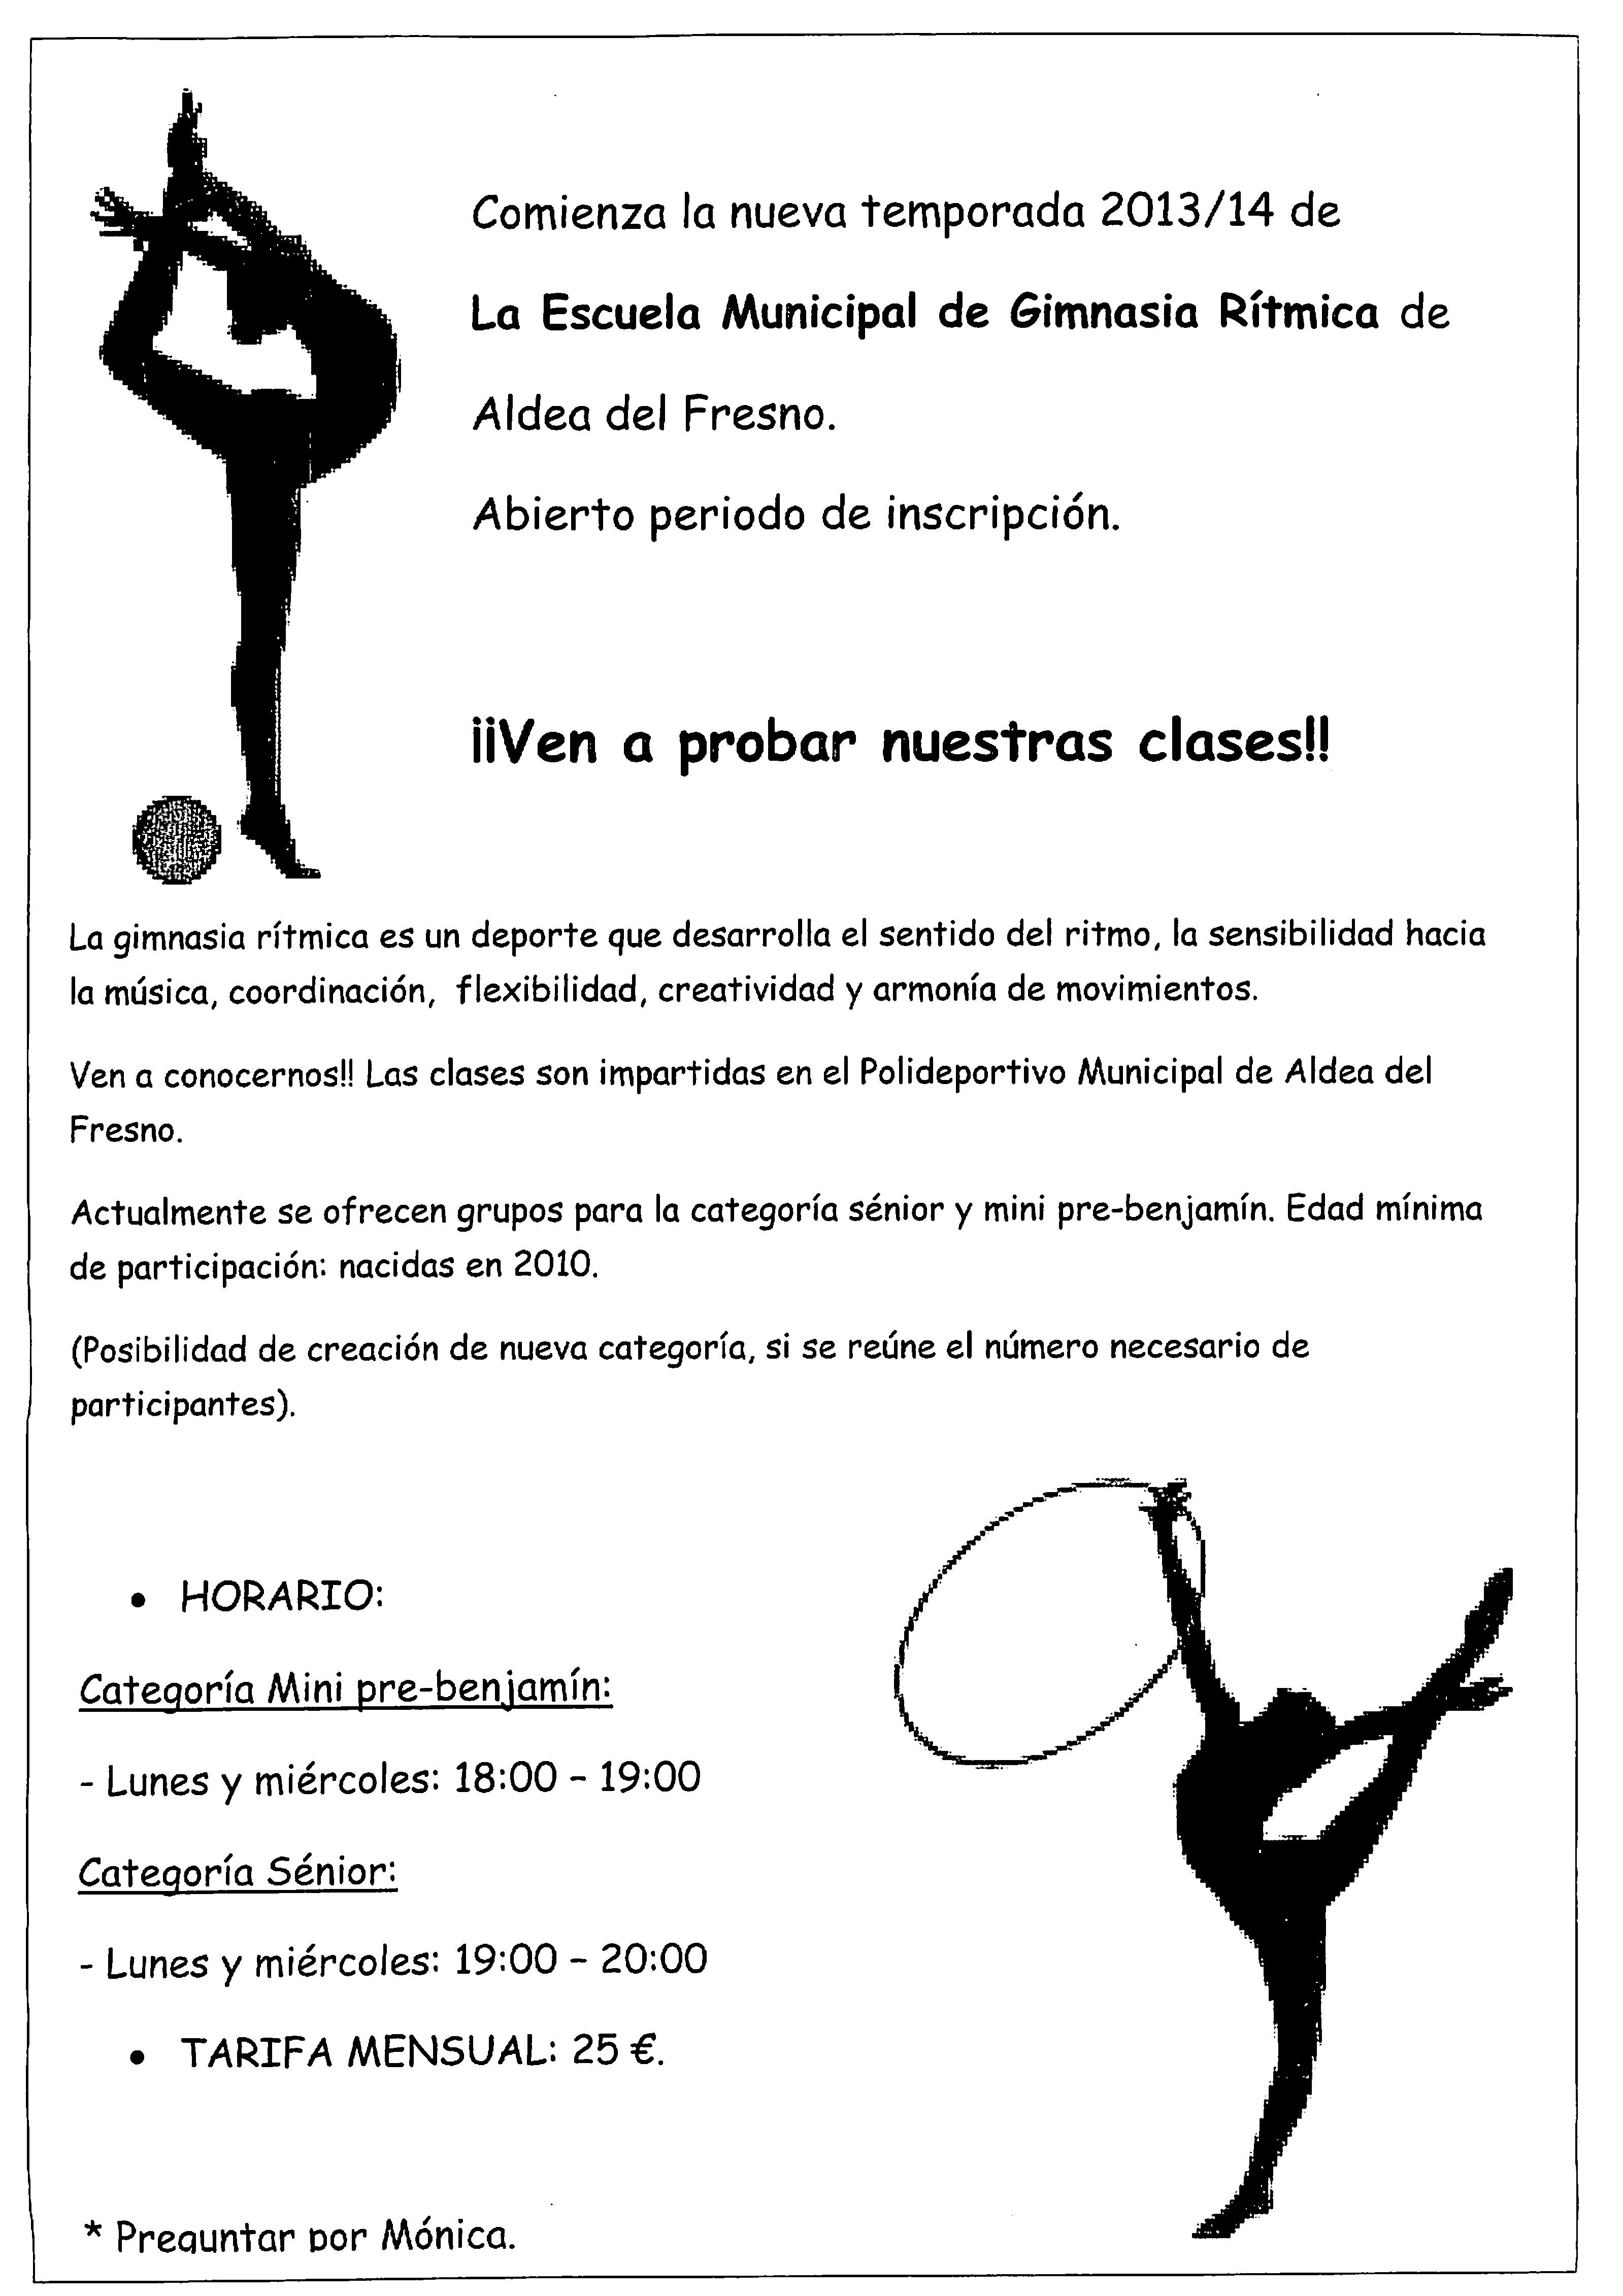 nueva temporada de la escuela de gimnasia r u00edtmica de aldea